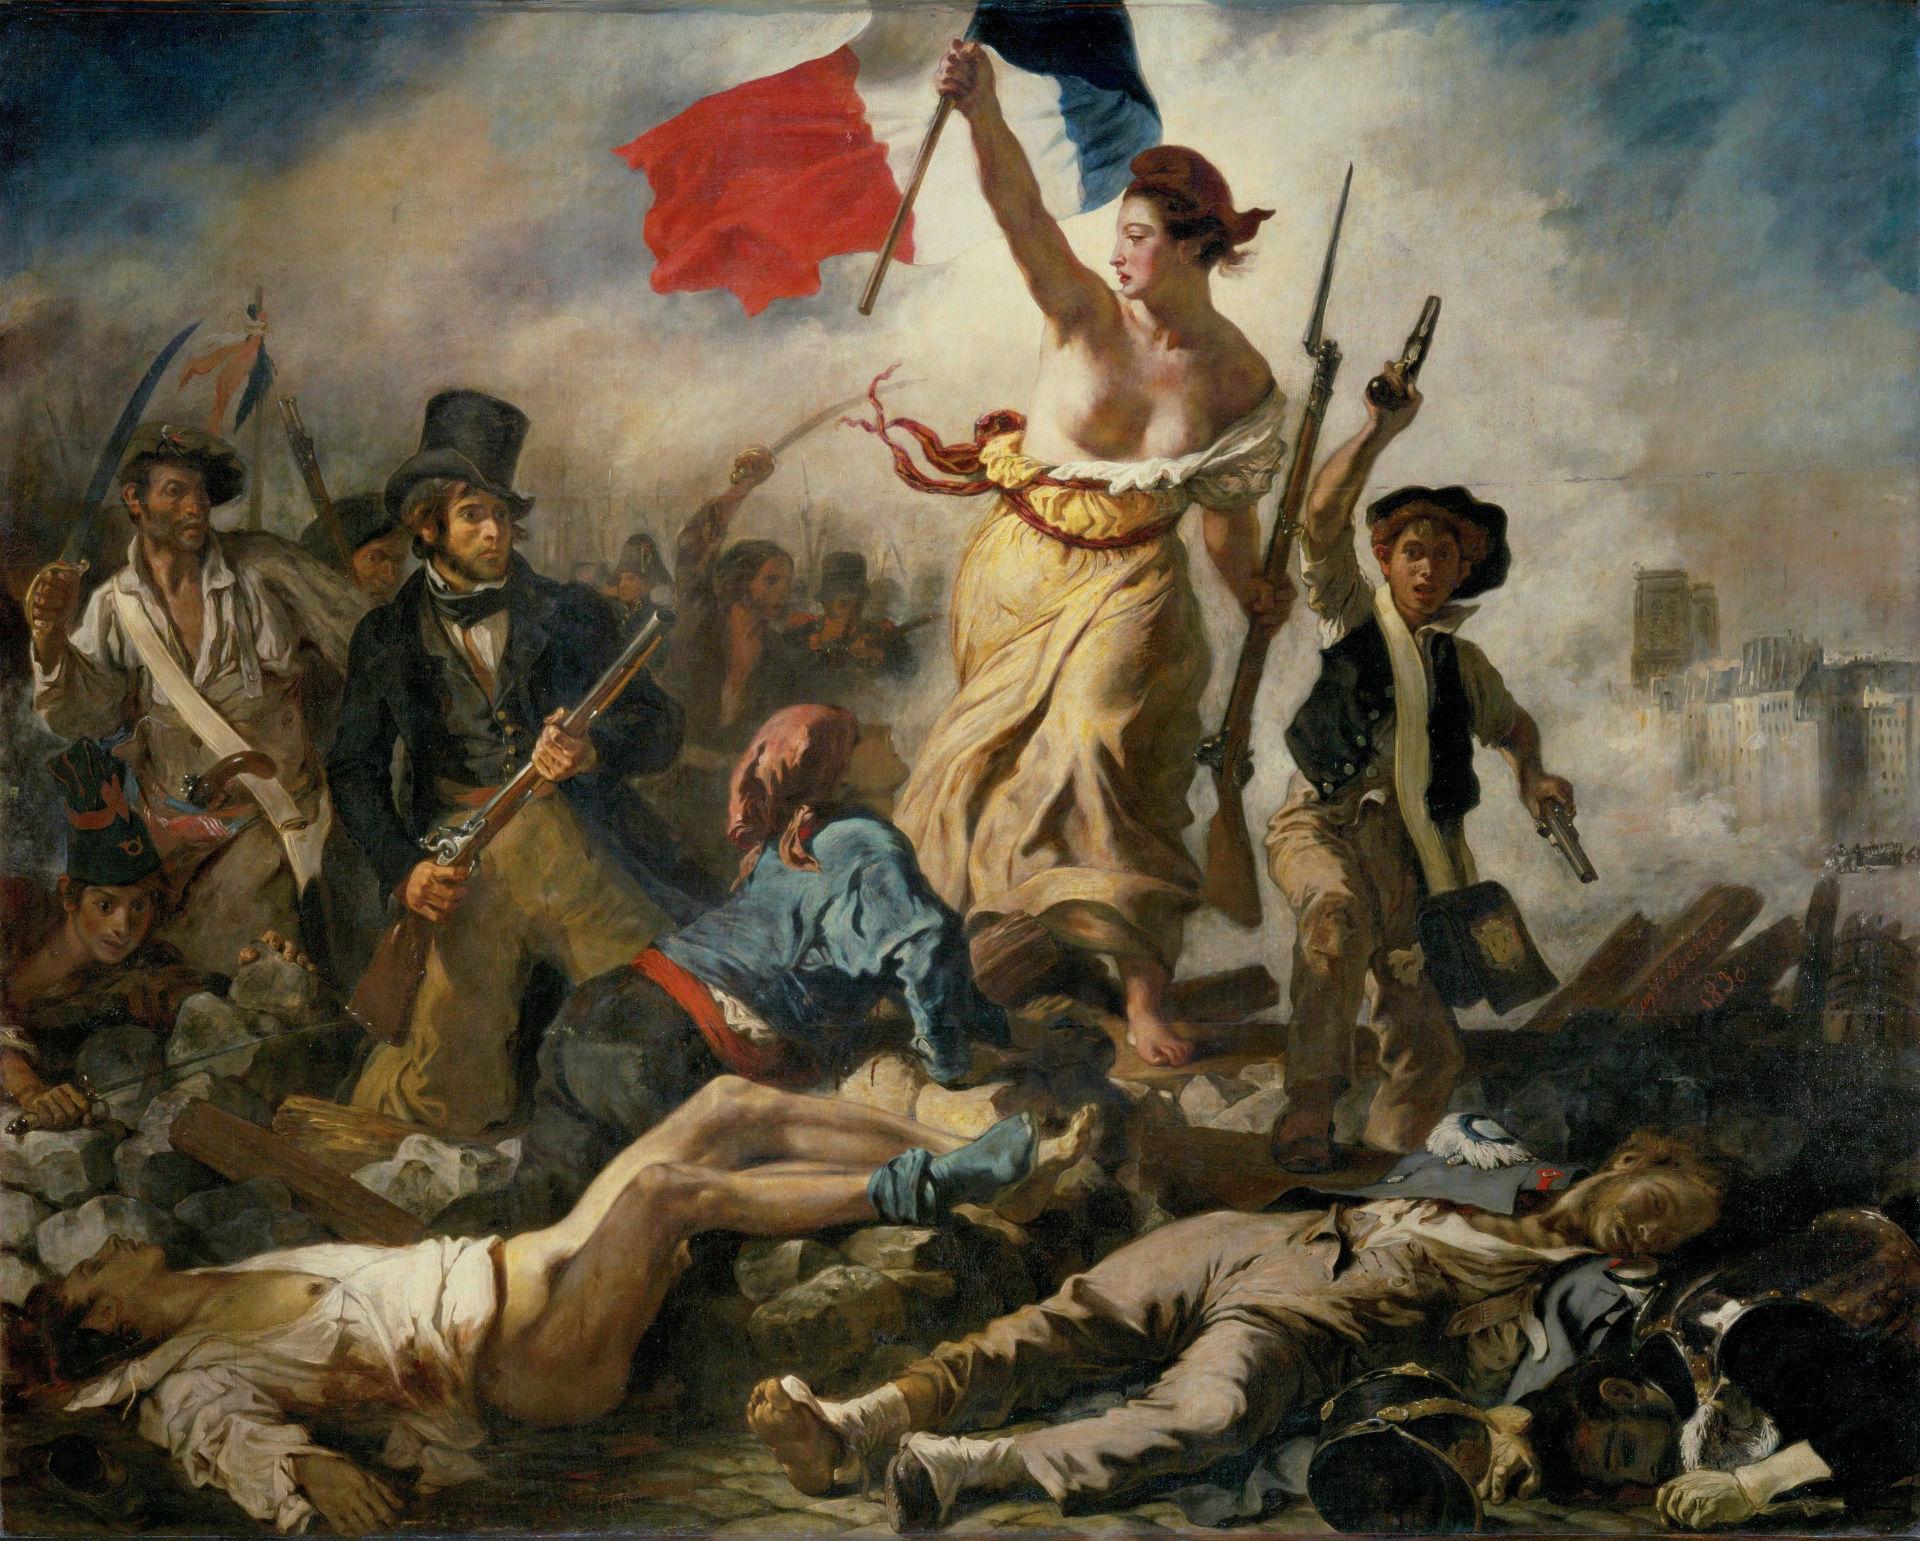 Art et révolution: La liberté guidant le peuple